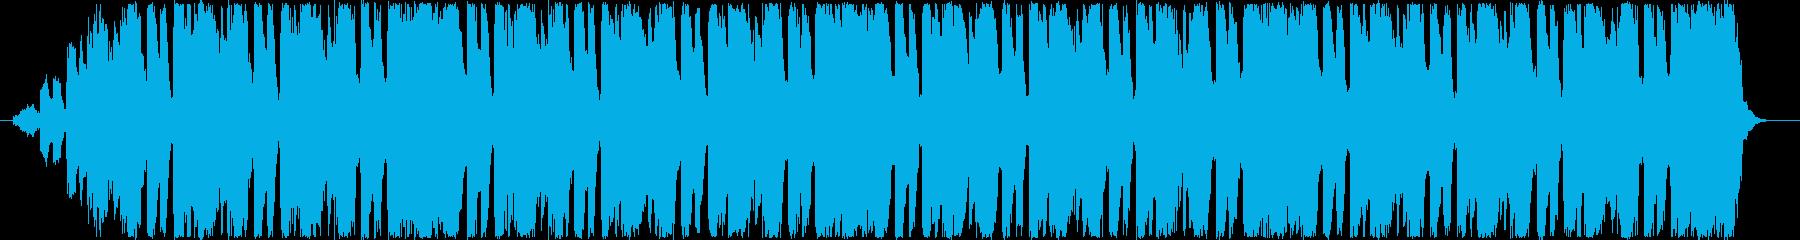 明るく元気のある曲調の電子音のEDテーマの再生済みの波形